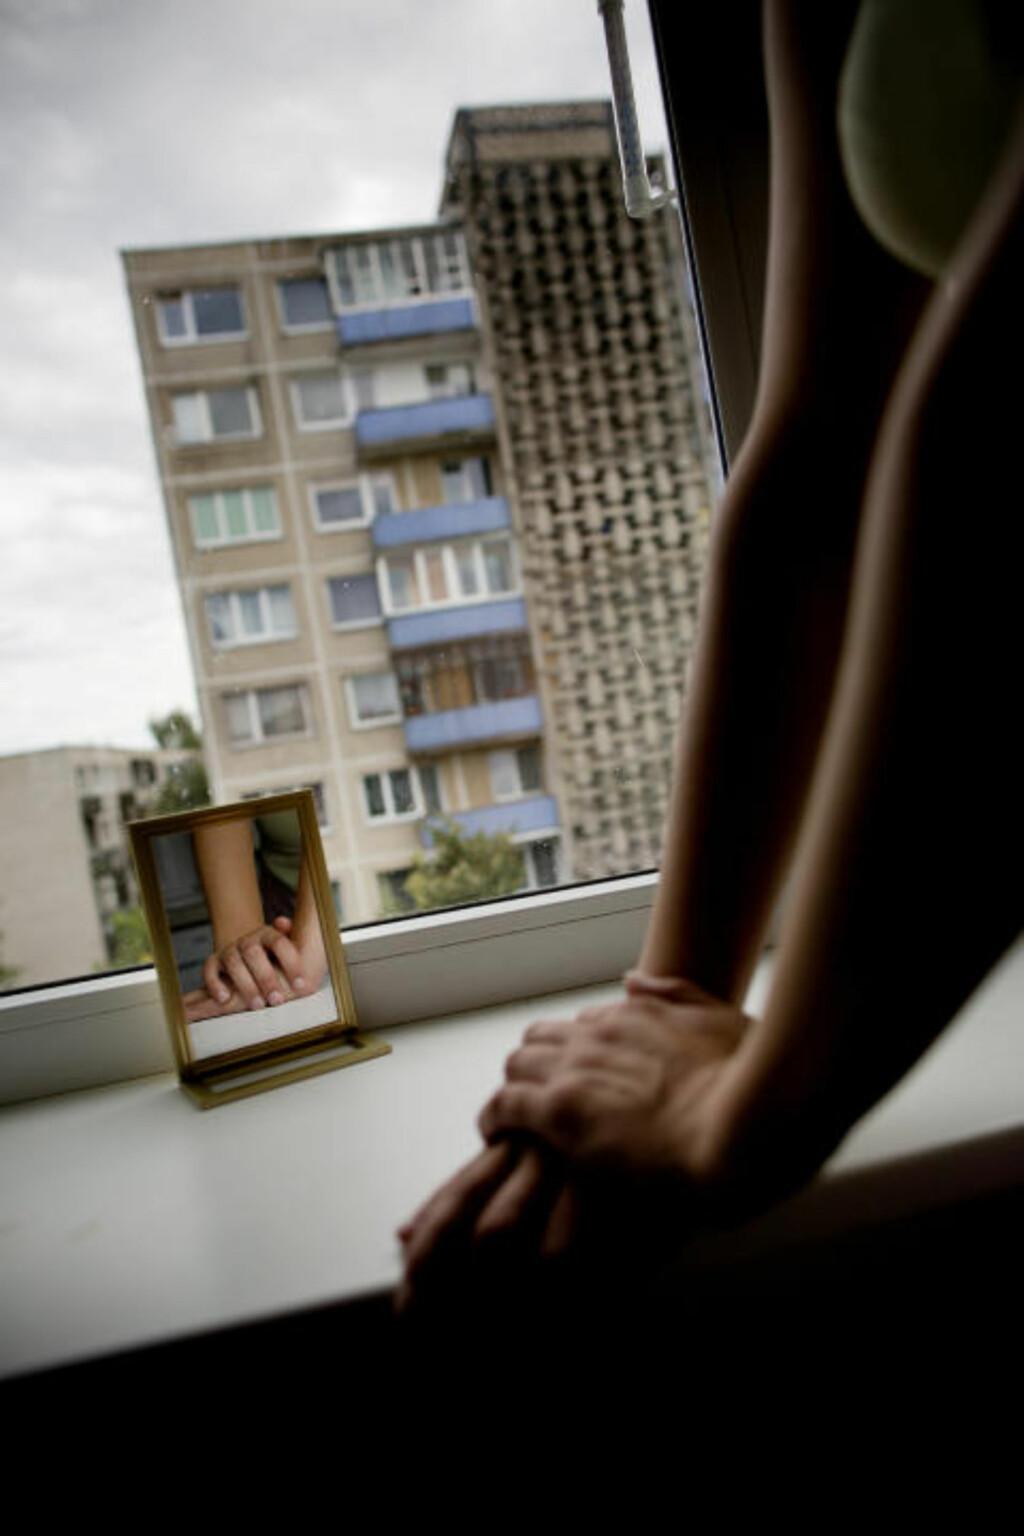 SOLGTE SEX I OSLO: For de norske kundene kostet det fem hundre kroner i bilen og tusen kroner hvis de ville ha med henne hjem. For Eva kostet det smerte, ydmykelse og en konstant redsel. Foto: TOMM W. CHRISTIANSEN/DAGBLADET